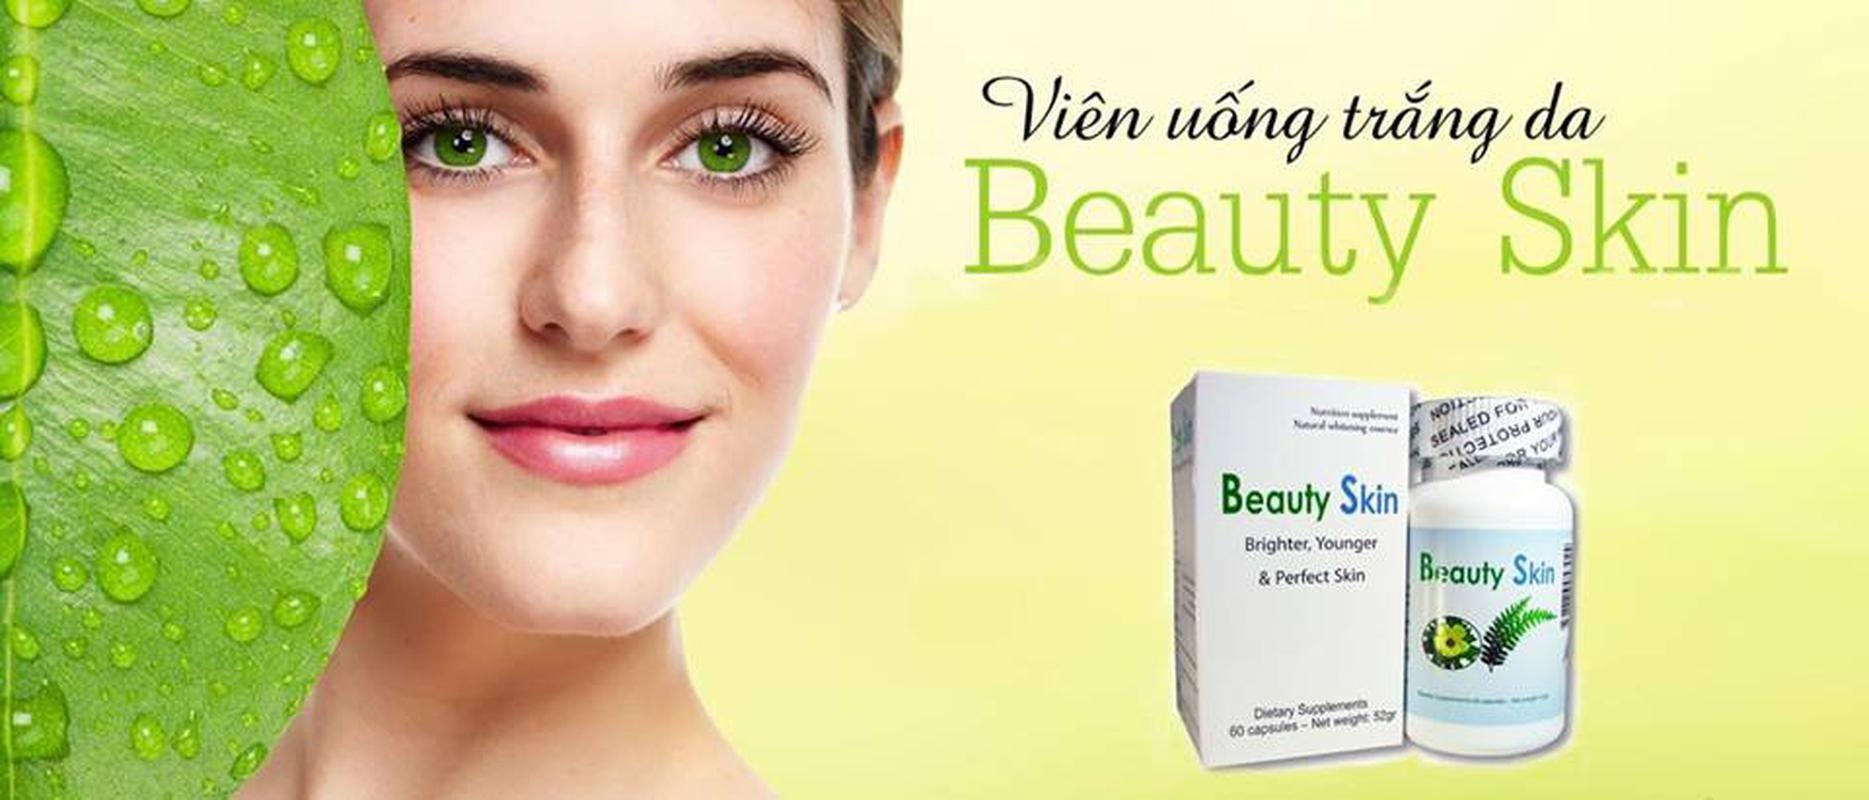 Viên uống Beauty Skin